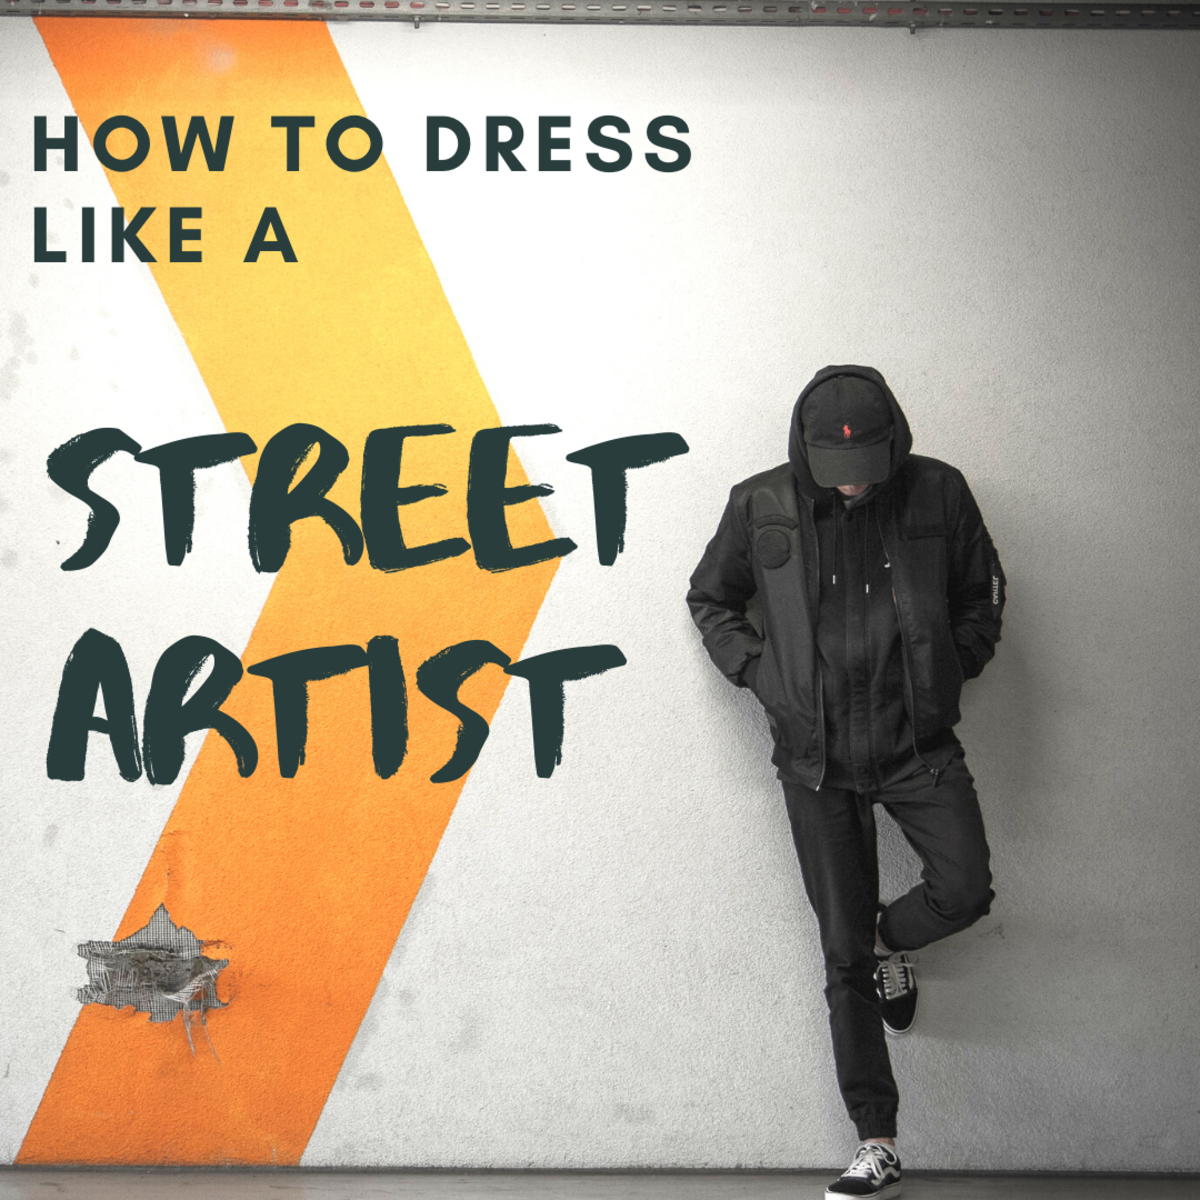 How to Dress Like a Street Artist